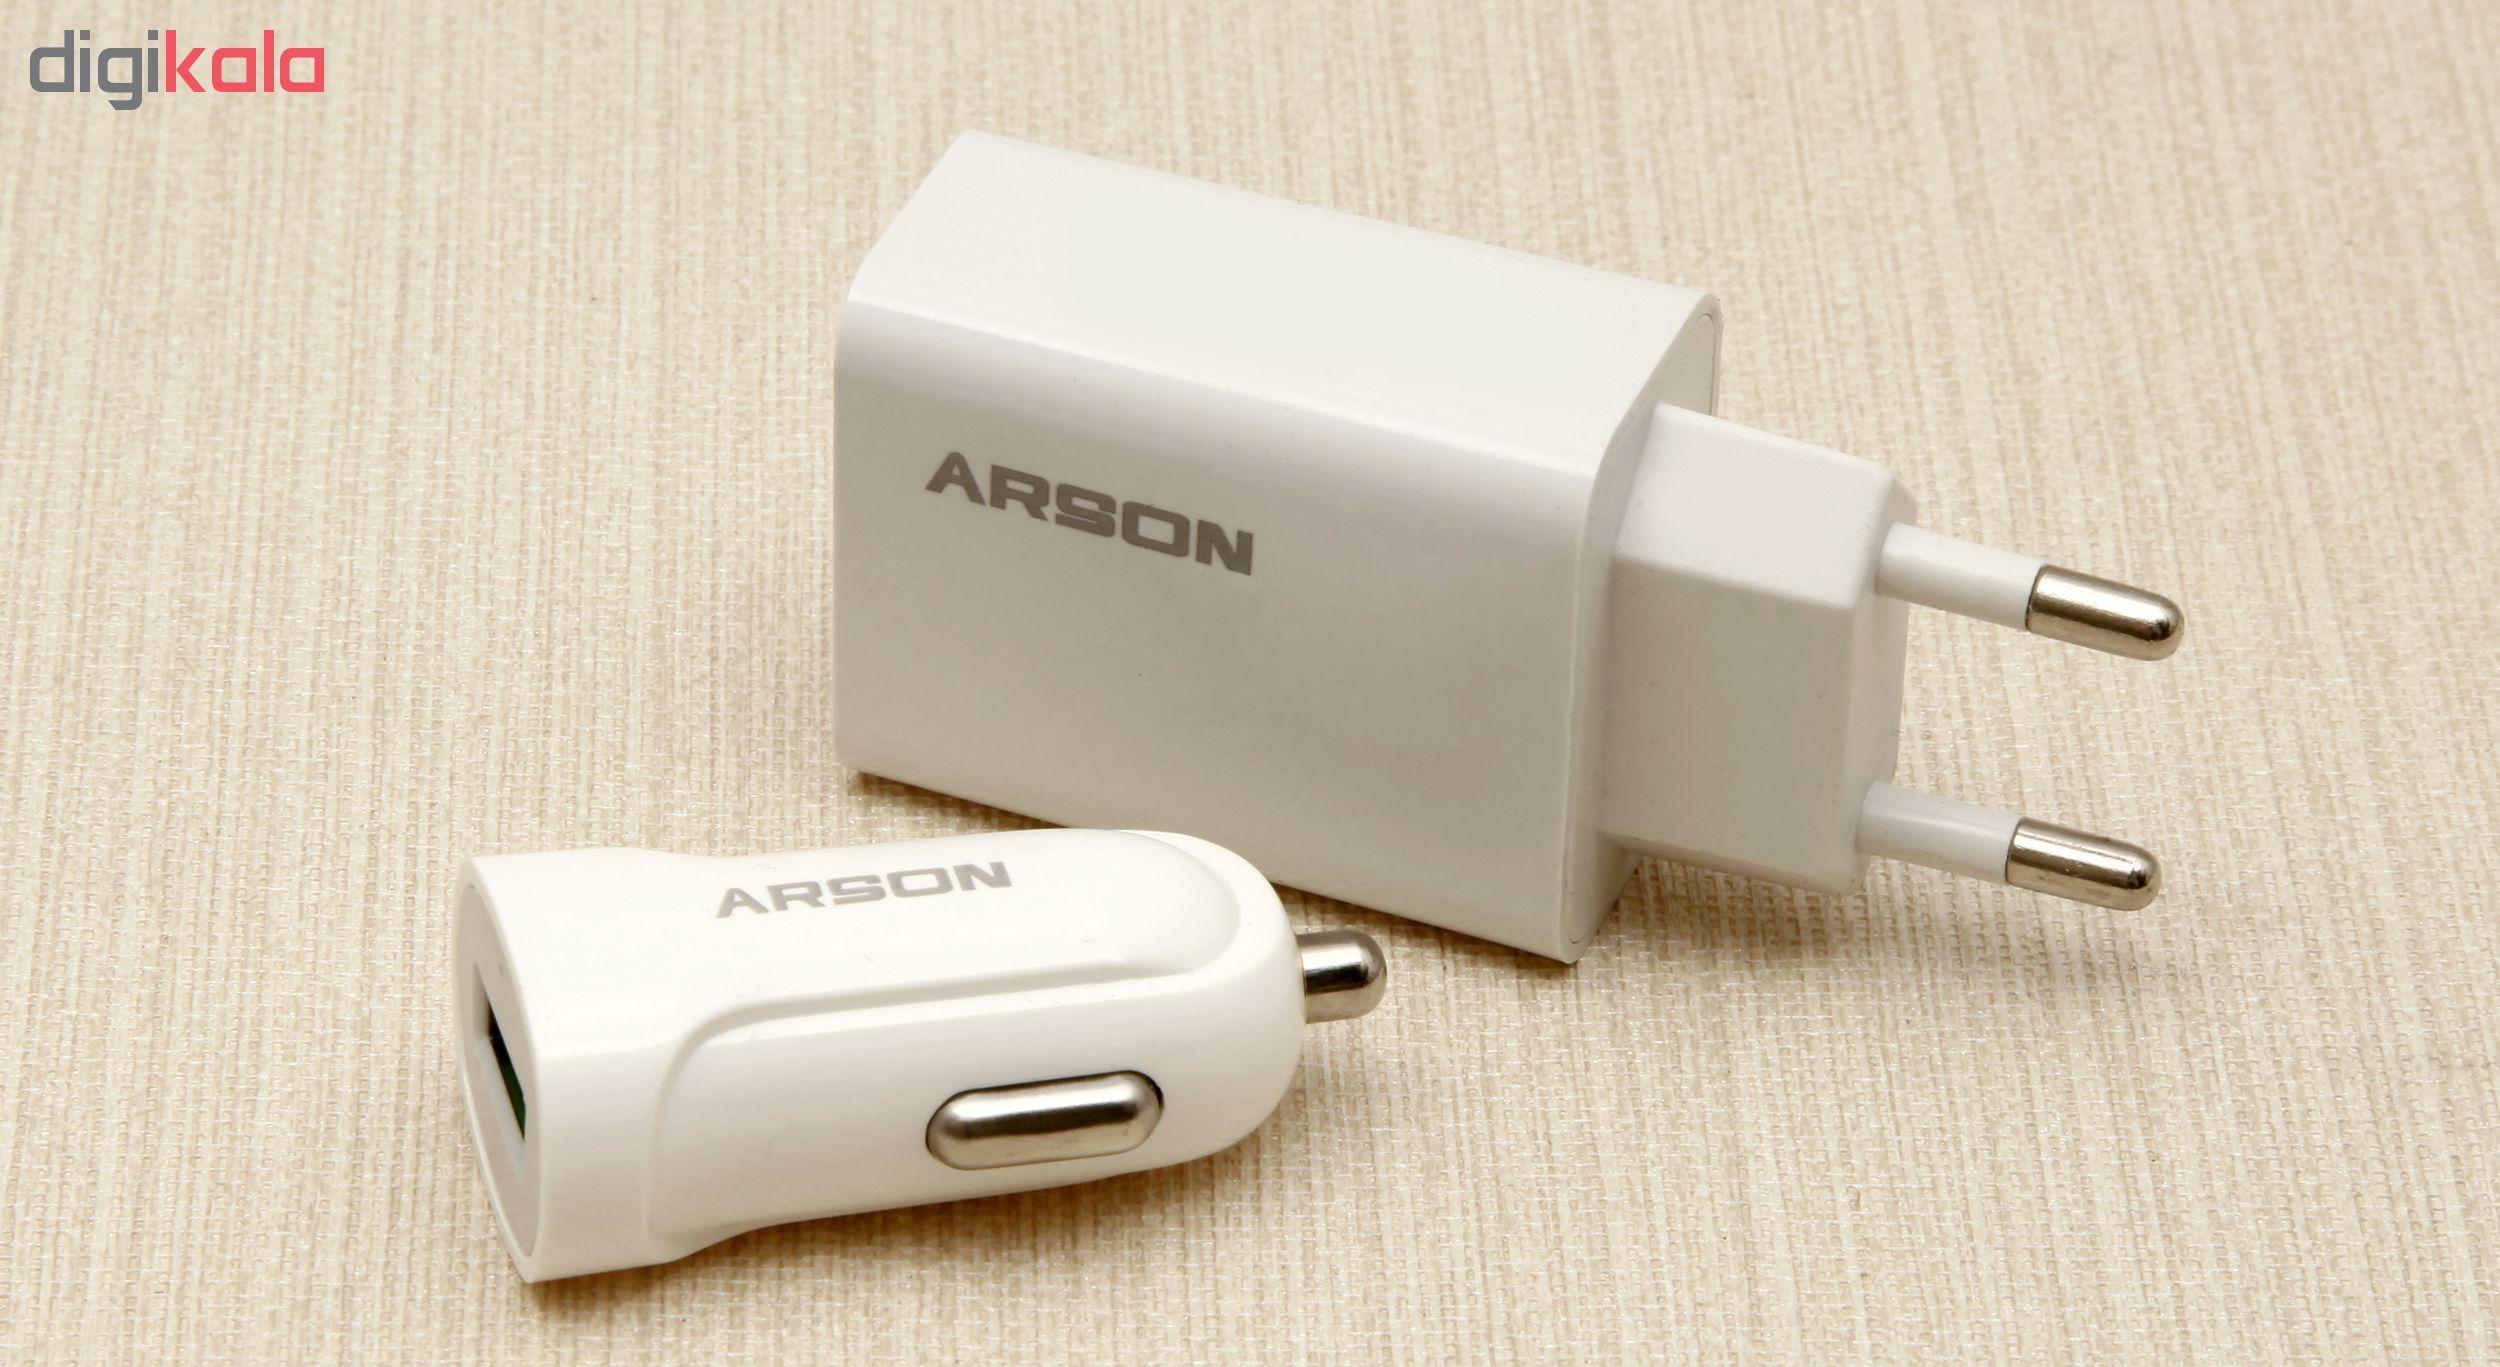 مجموعه لوازم جانبی آرسون مدل 3IN1 main 1 1